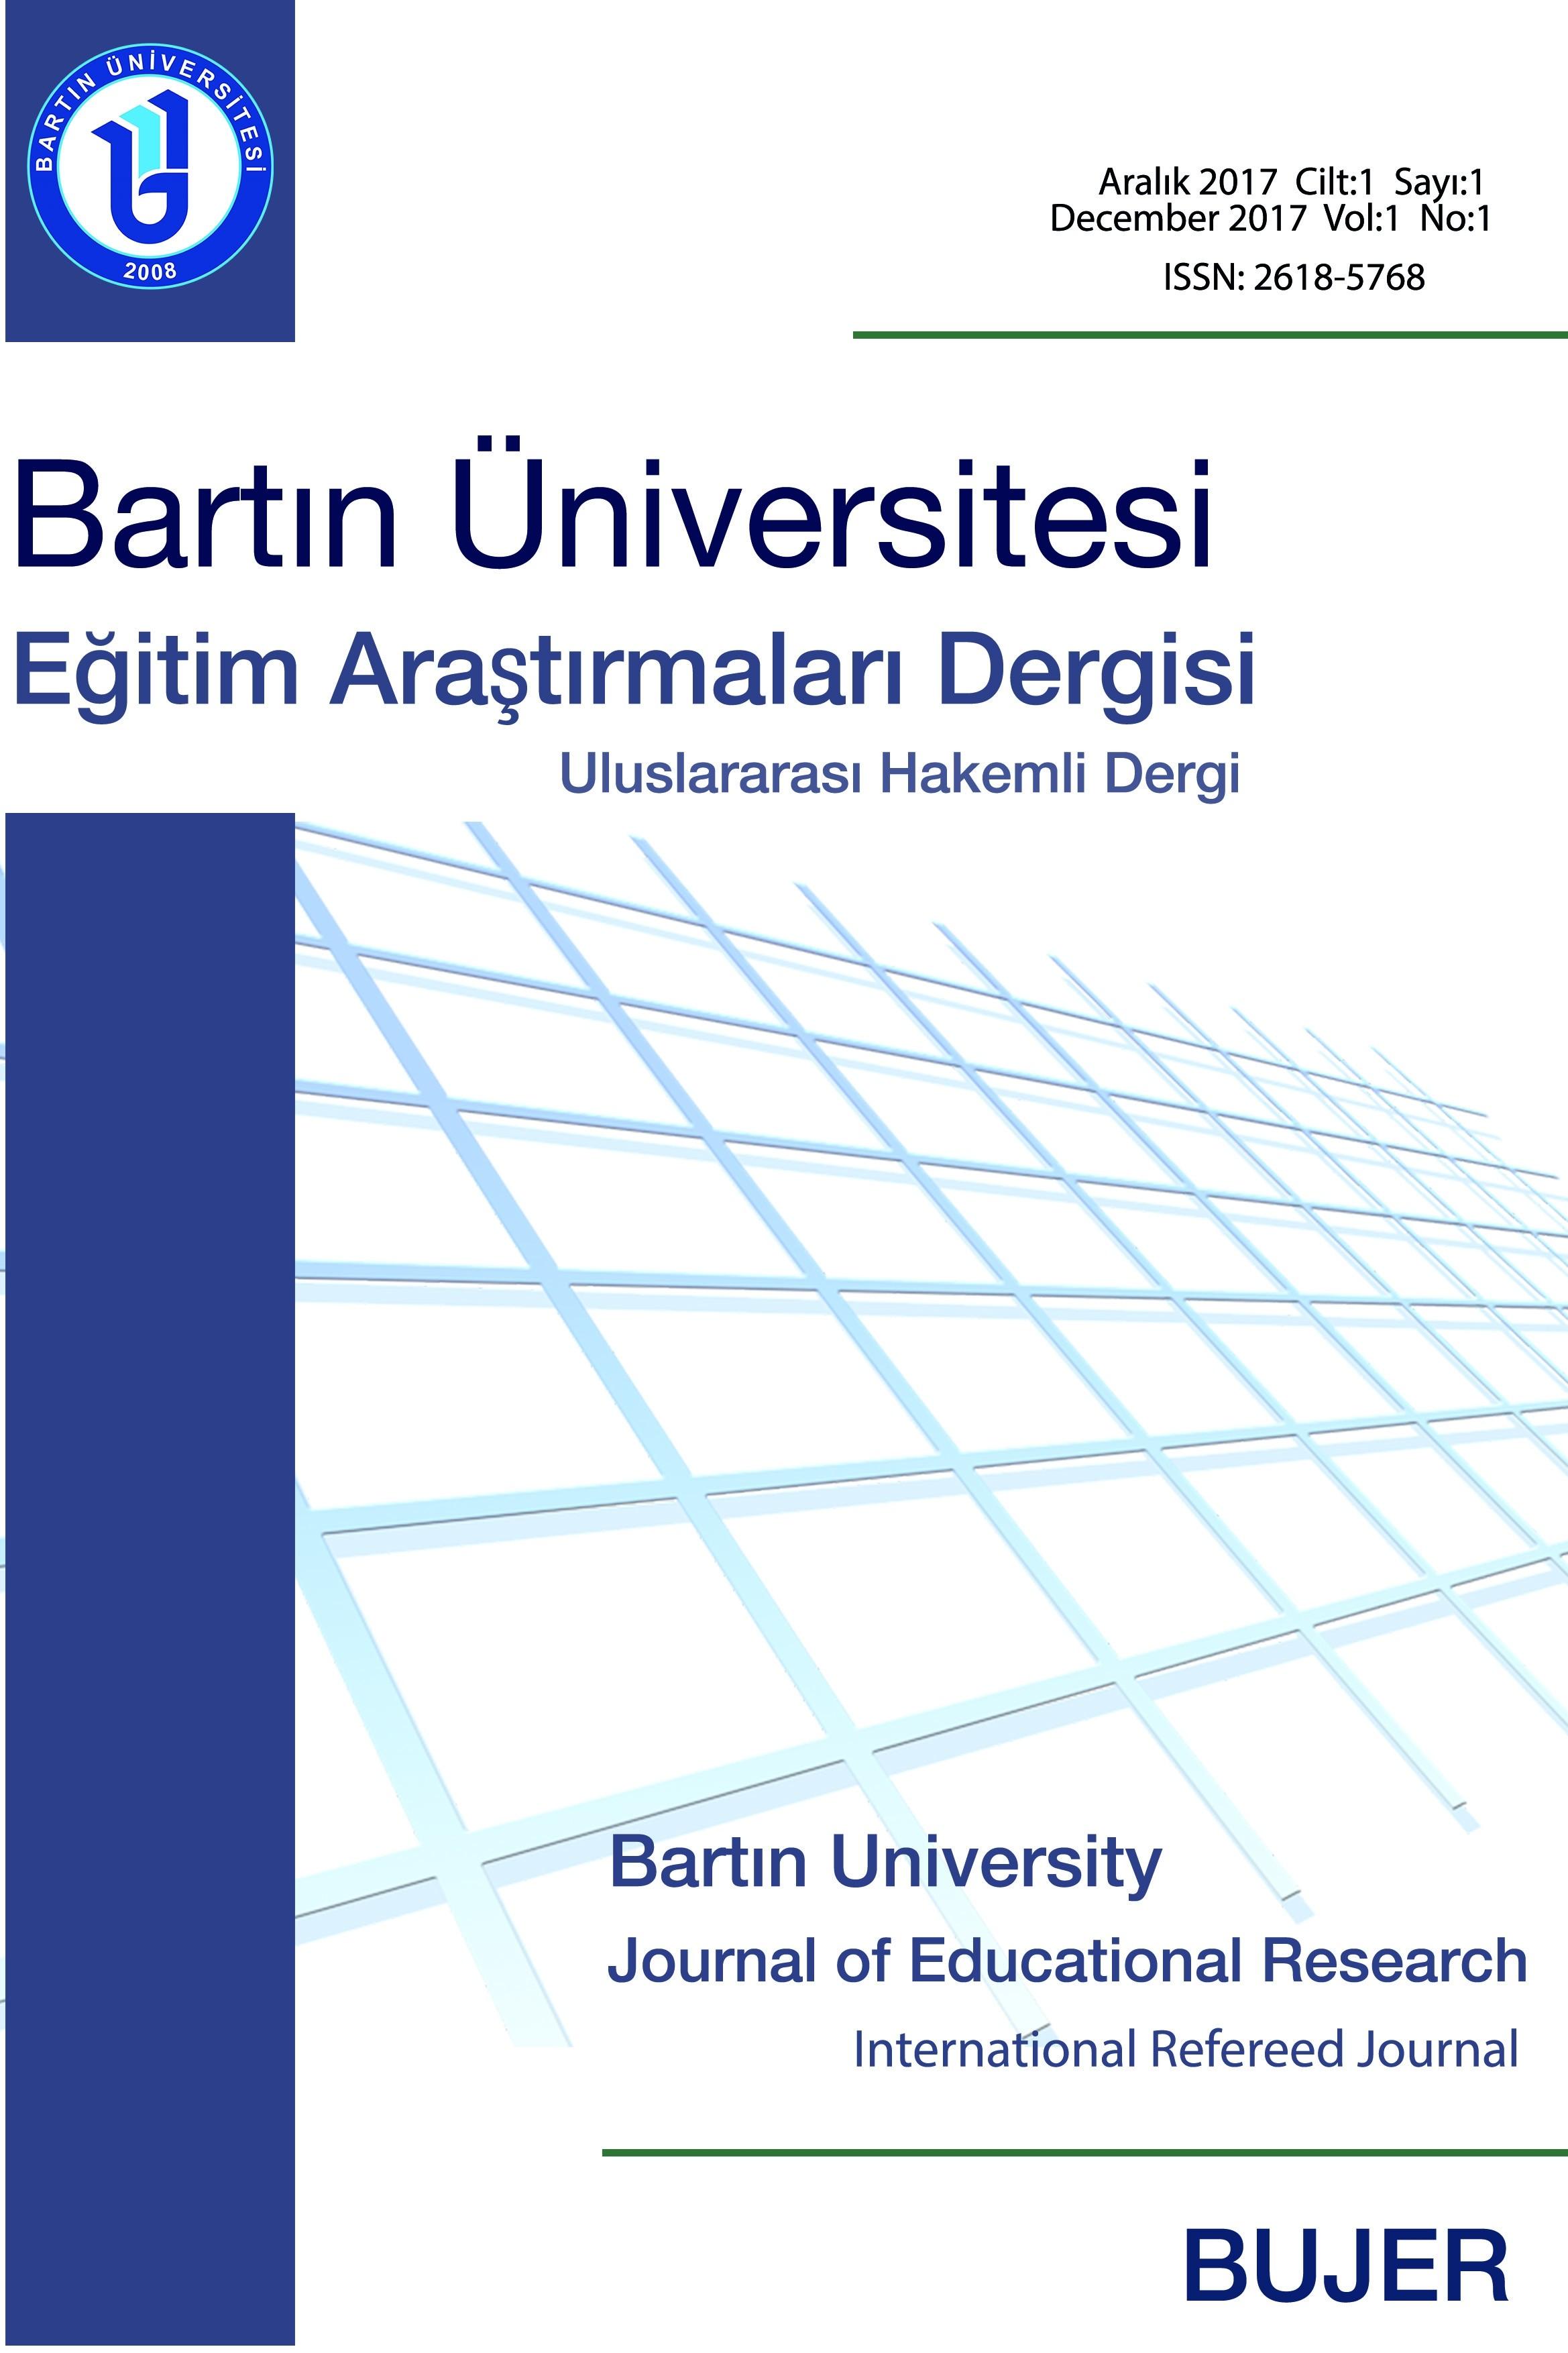 Bartın Üniversitesi Eğitim Araştırmaları Dergisi